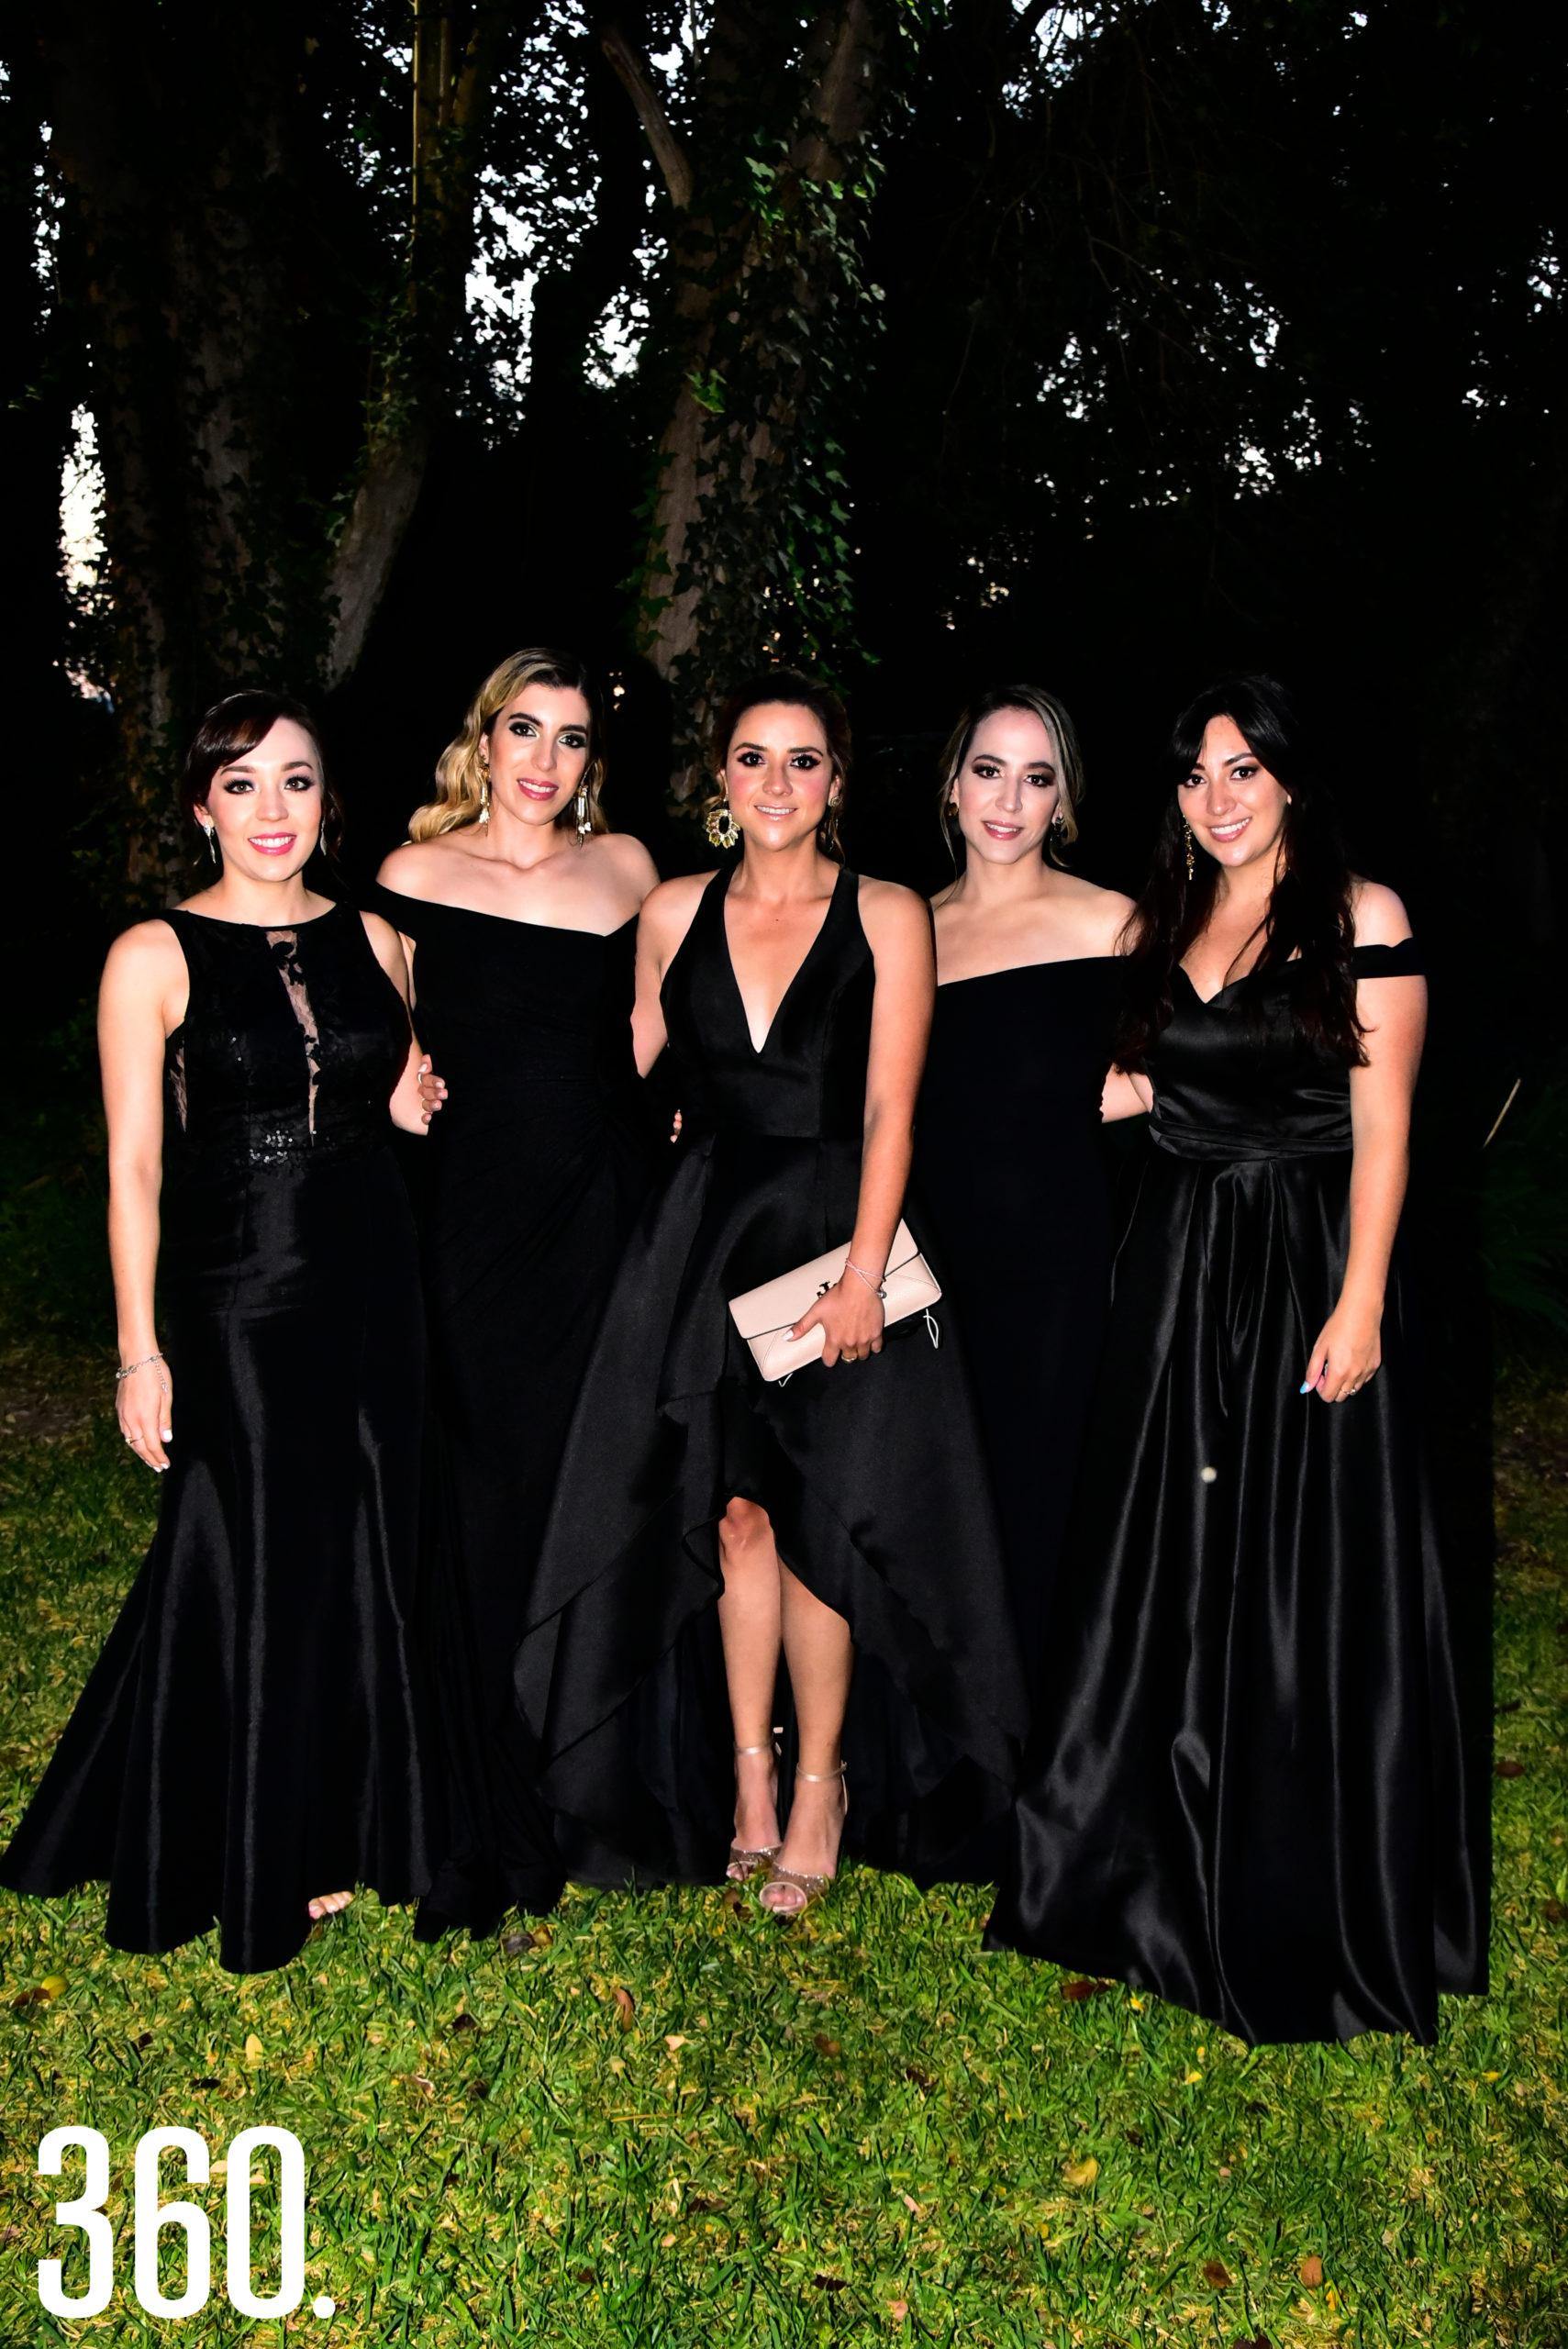 Ale De León, Erika Ruiz, Ana Tere López, Ana Cecilia González y Olga Grant.